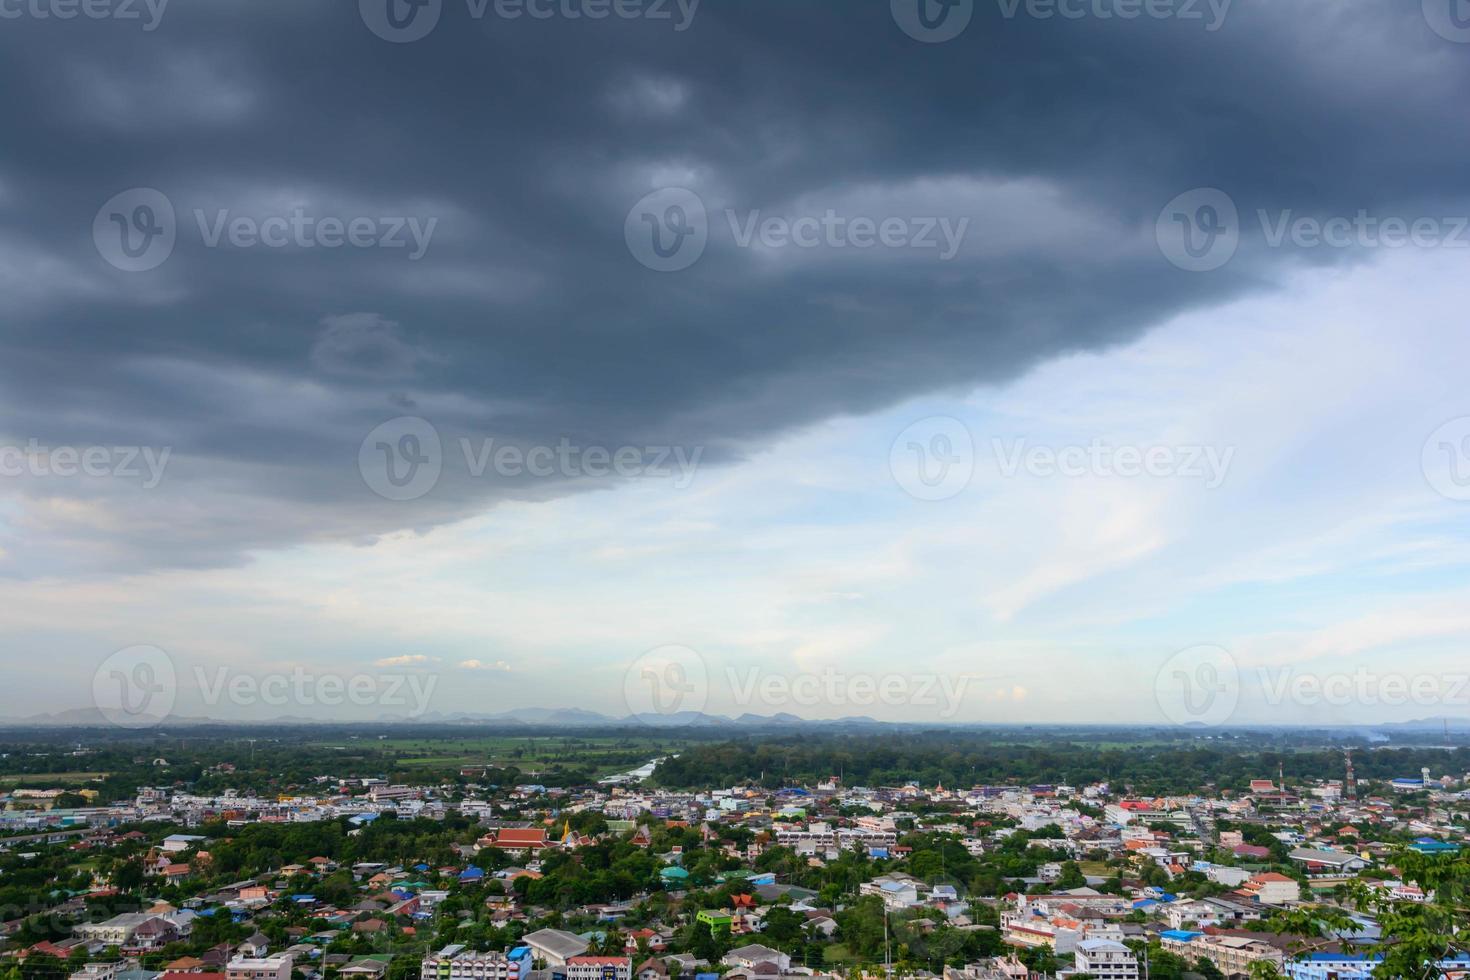 la tempête se préparait sur la ville. photo